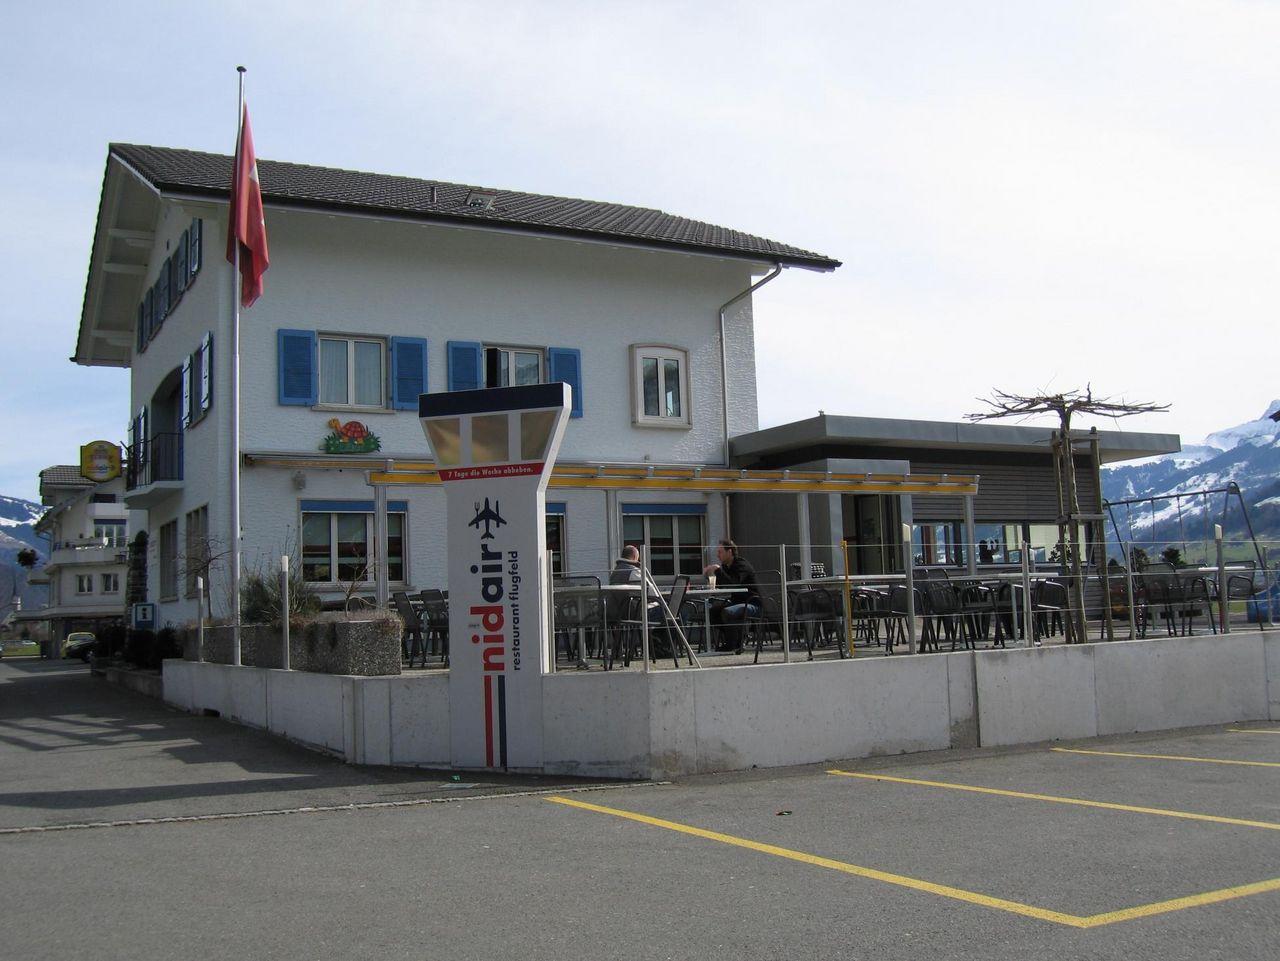 Nidair Restaurant Flugfeld, Ennetbürgen